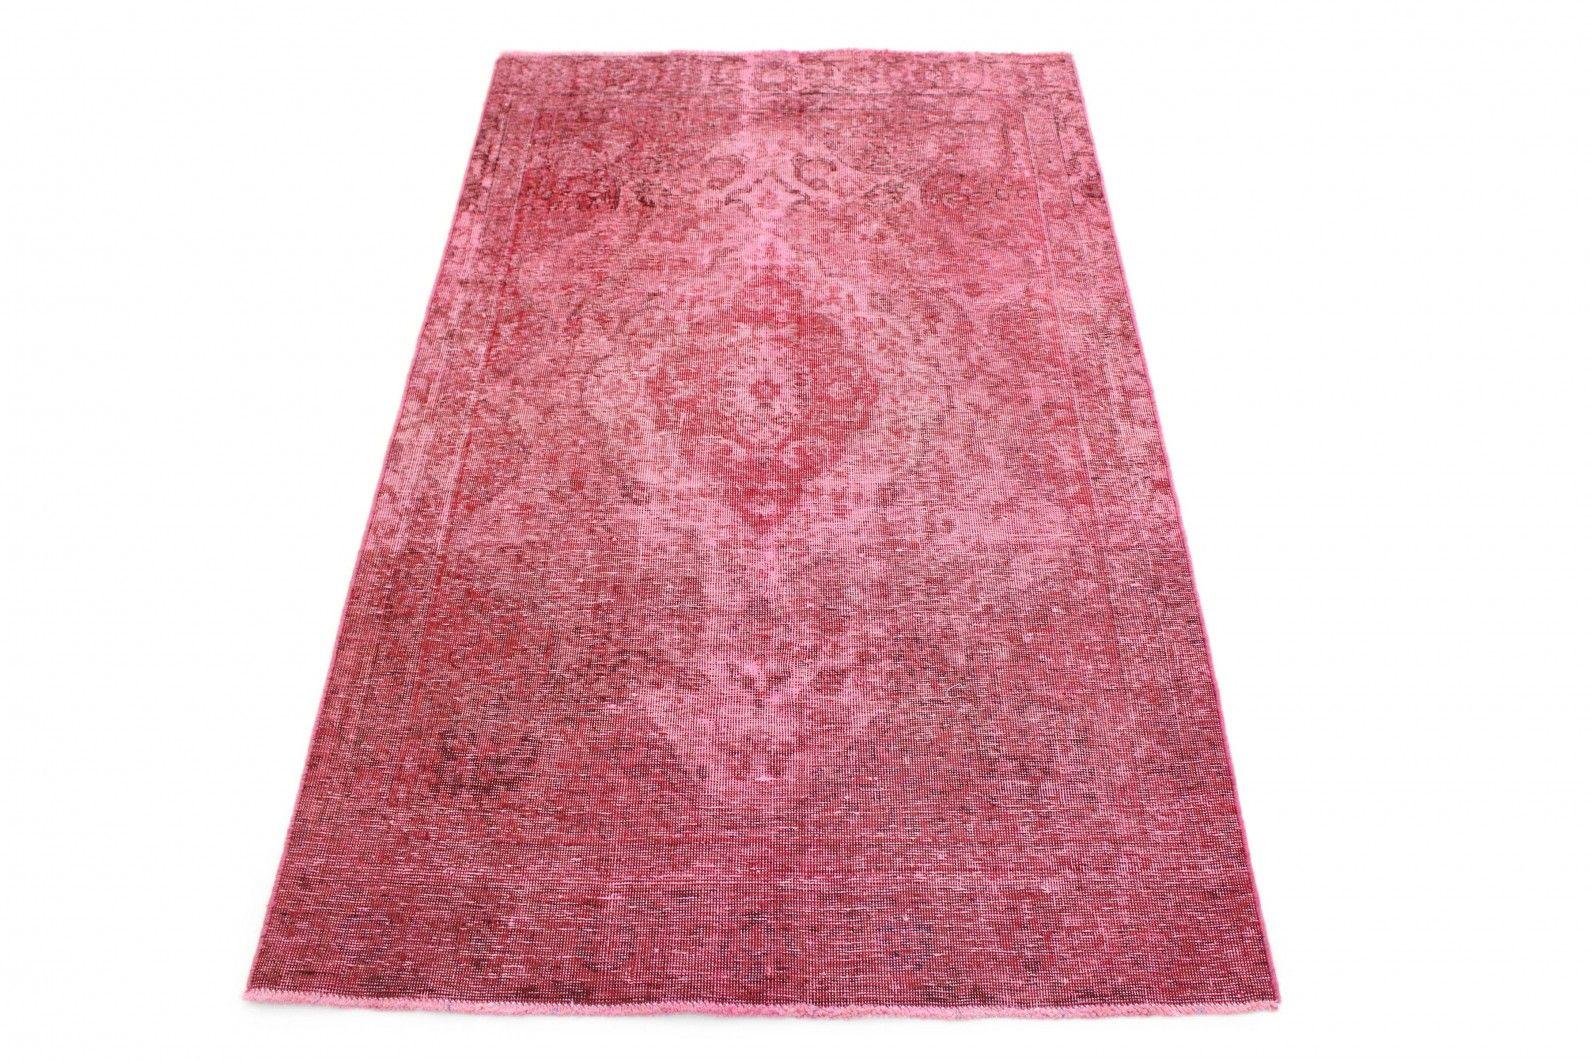 Vintage Teppich Rot In 190x110 Vintage Teppiche Teppich Teppich Design